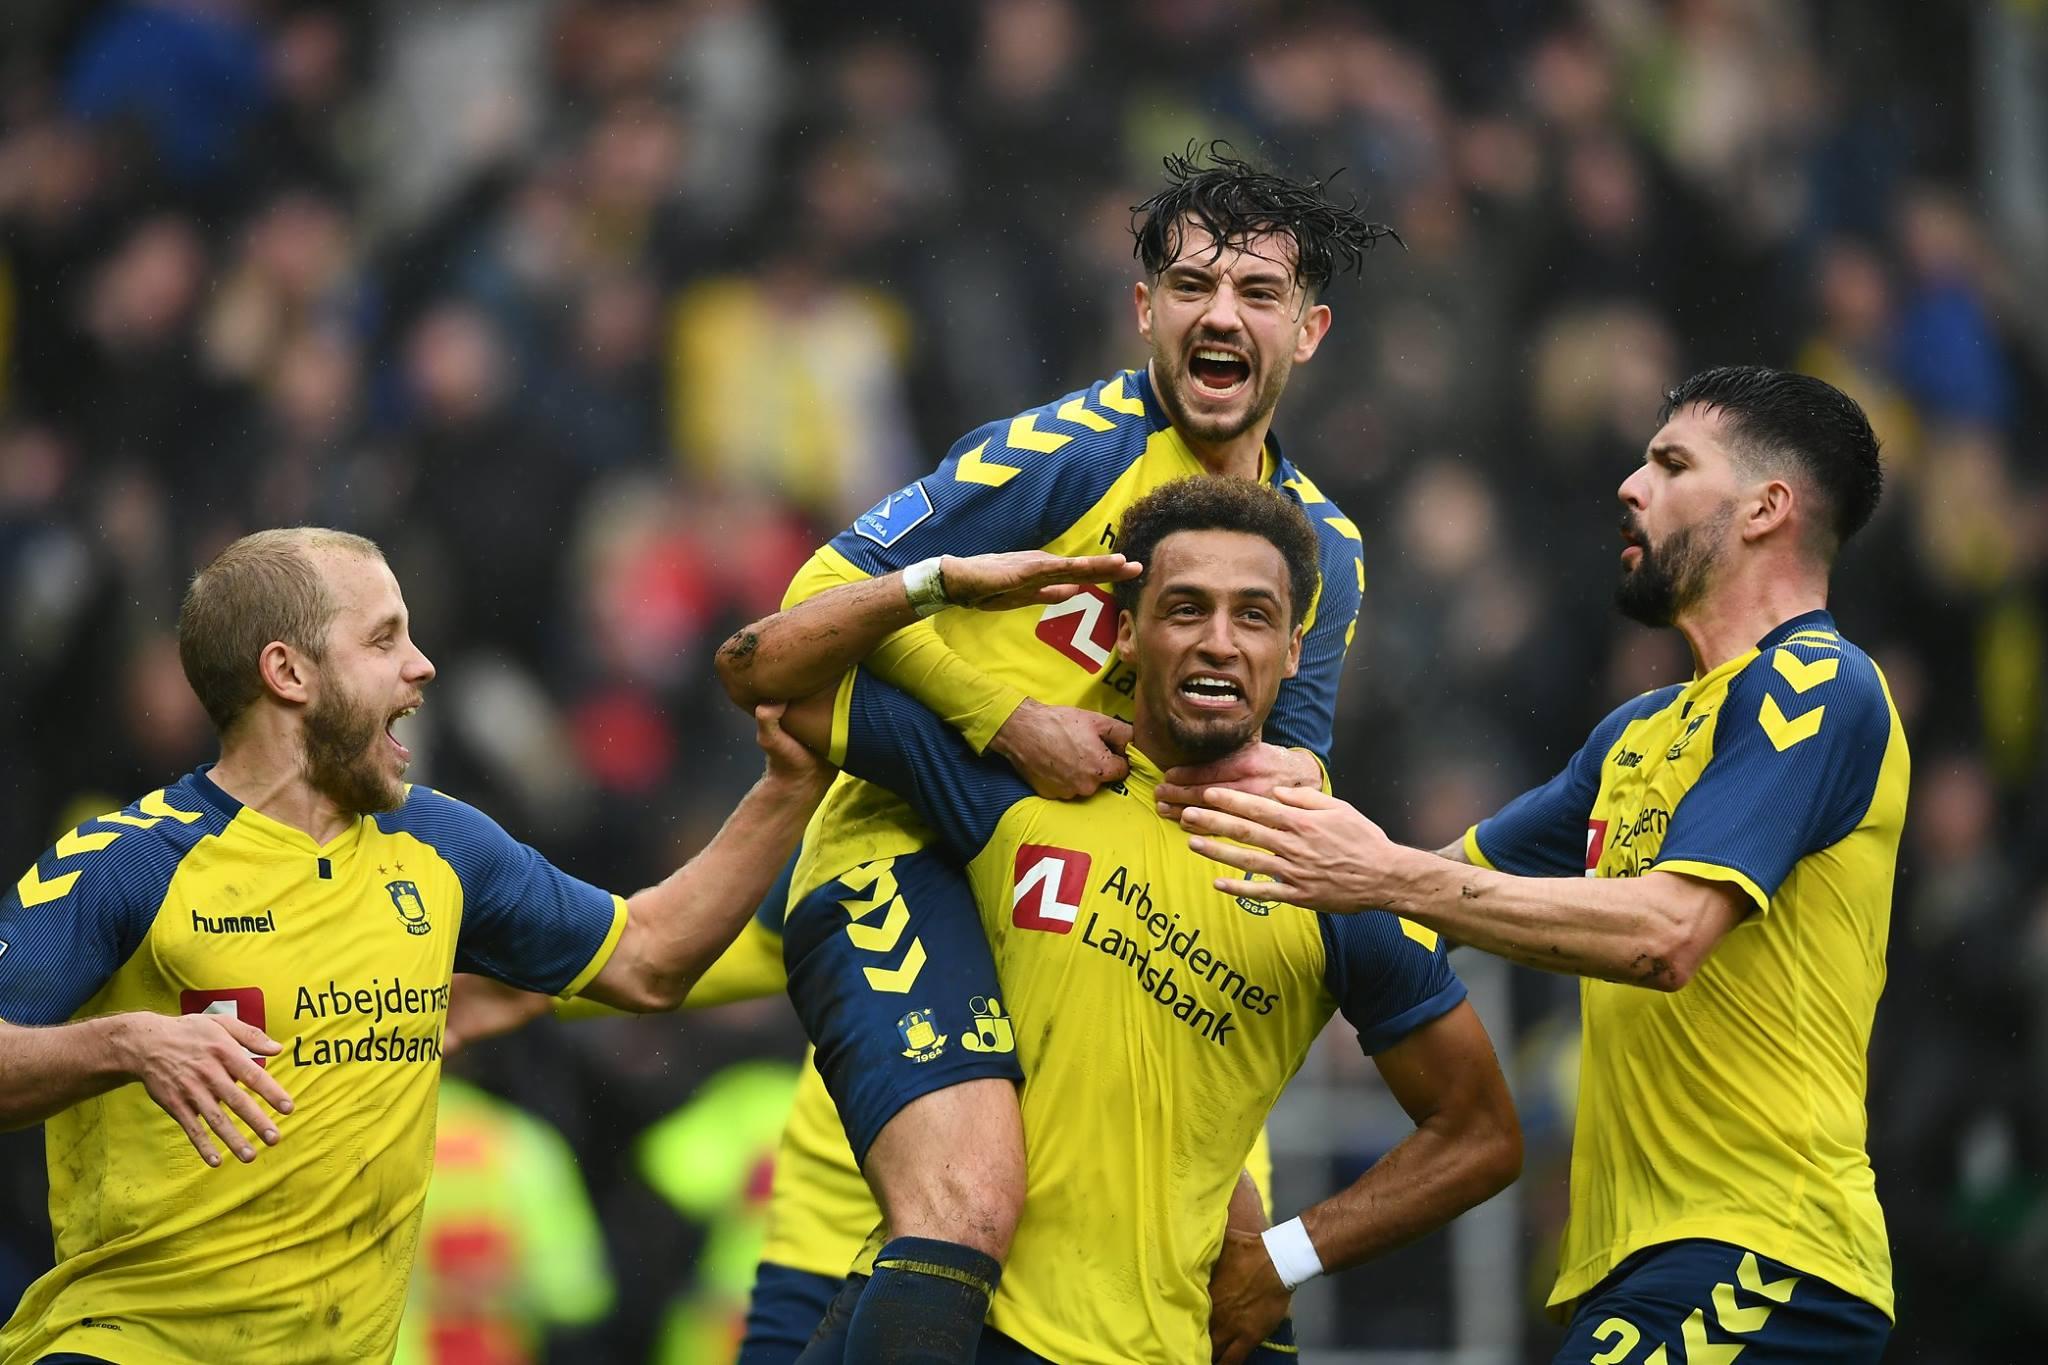 Brondby-Aarhus 9 novembre: match valido per la 16 esima giornata del campionato danese. Sarà una gara equilibrata sulla carta?